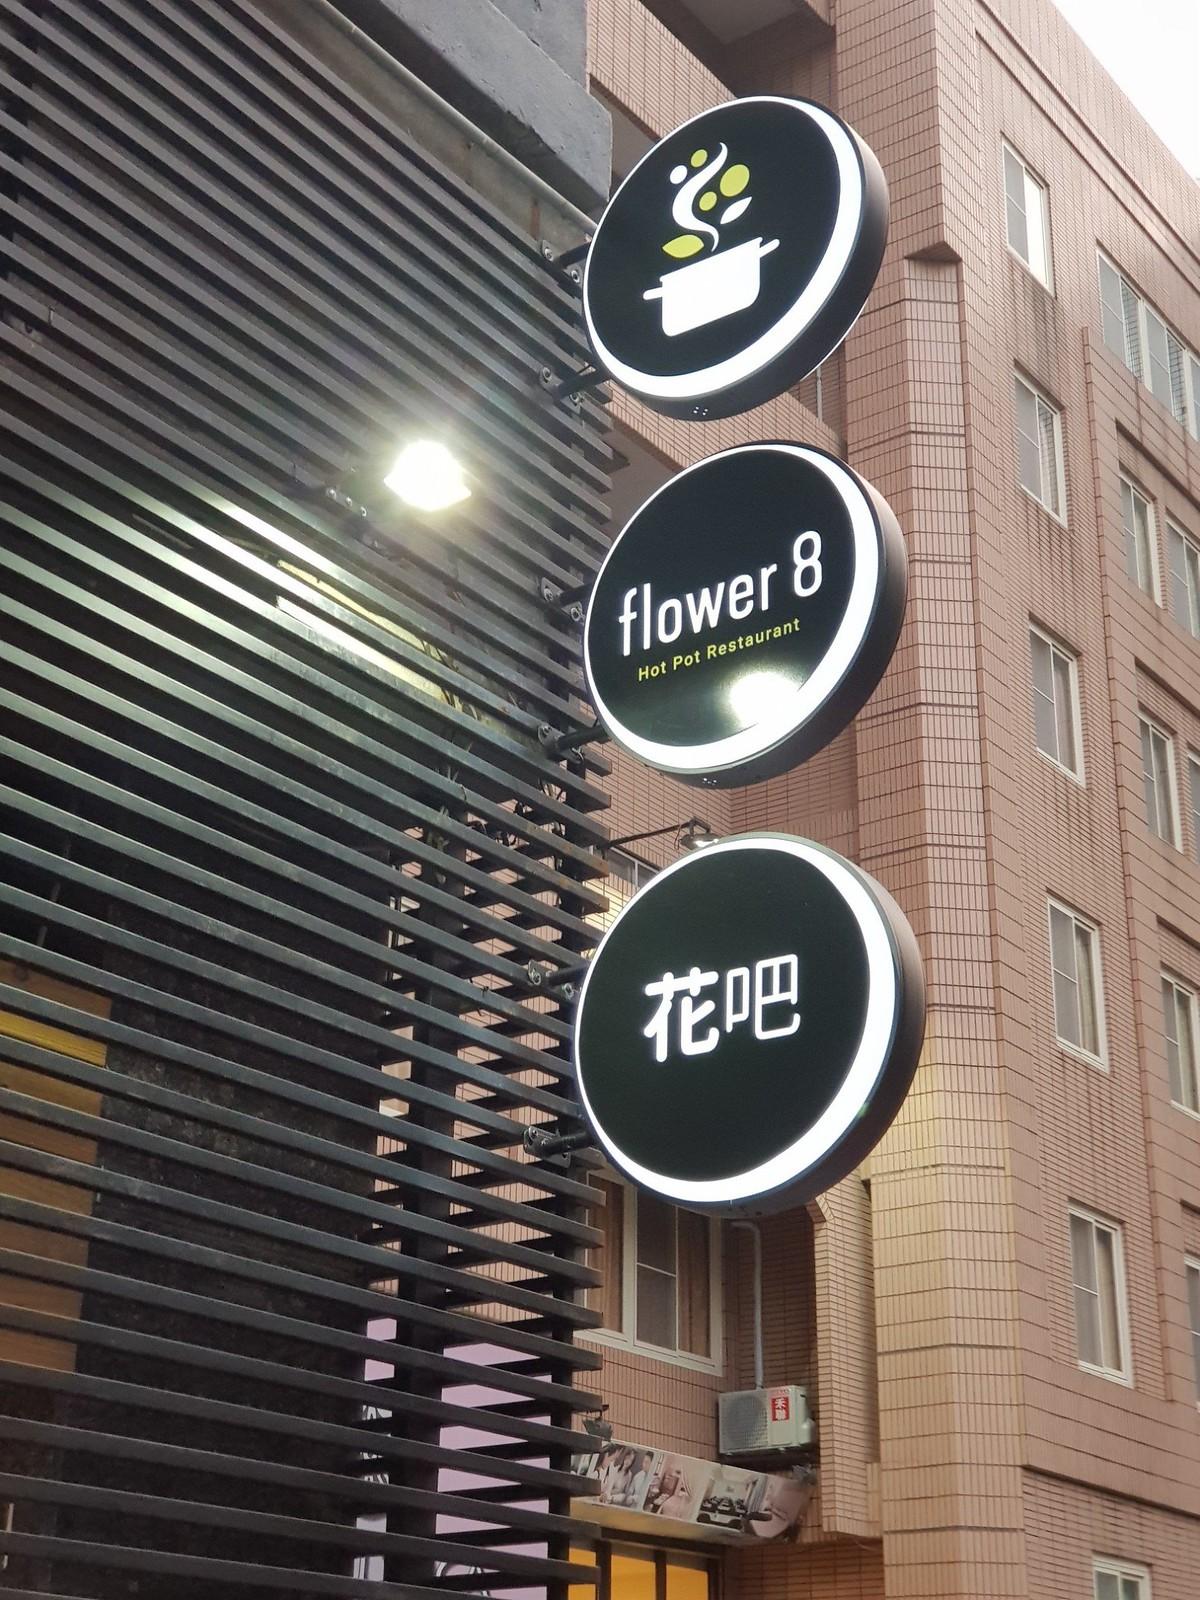 花吧8flower_2